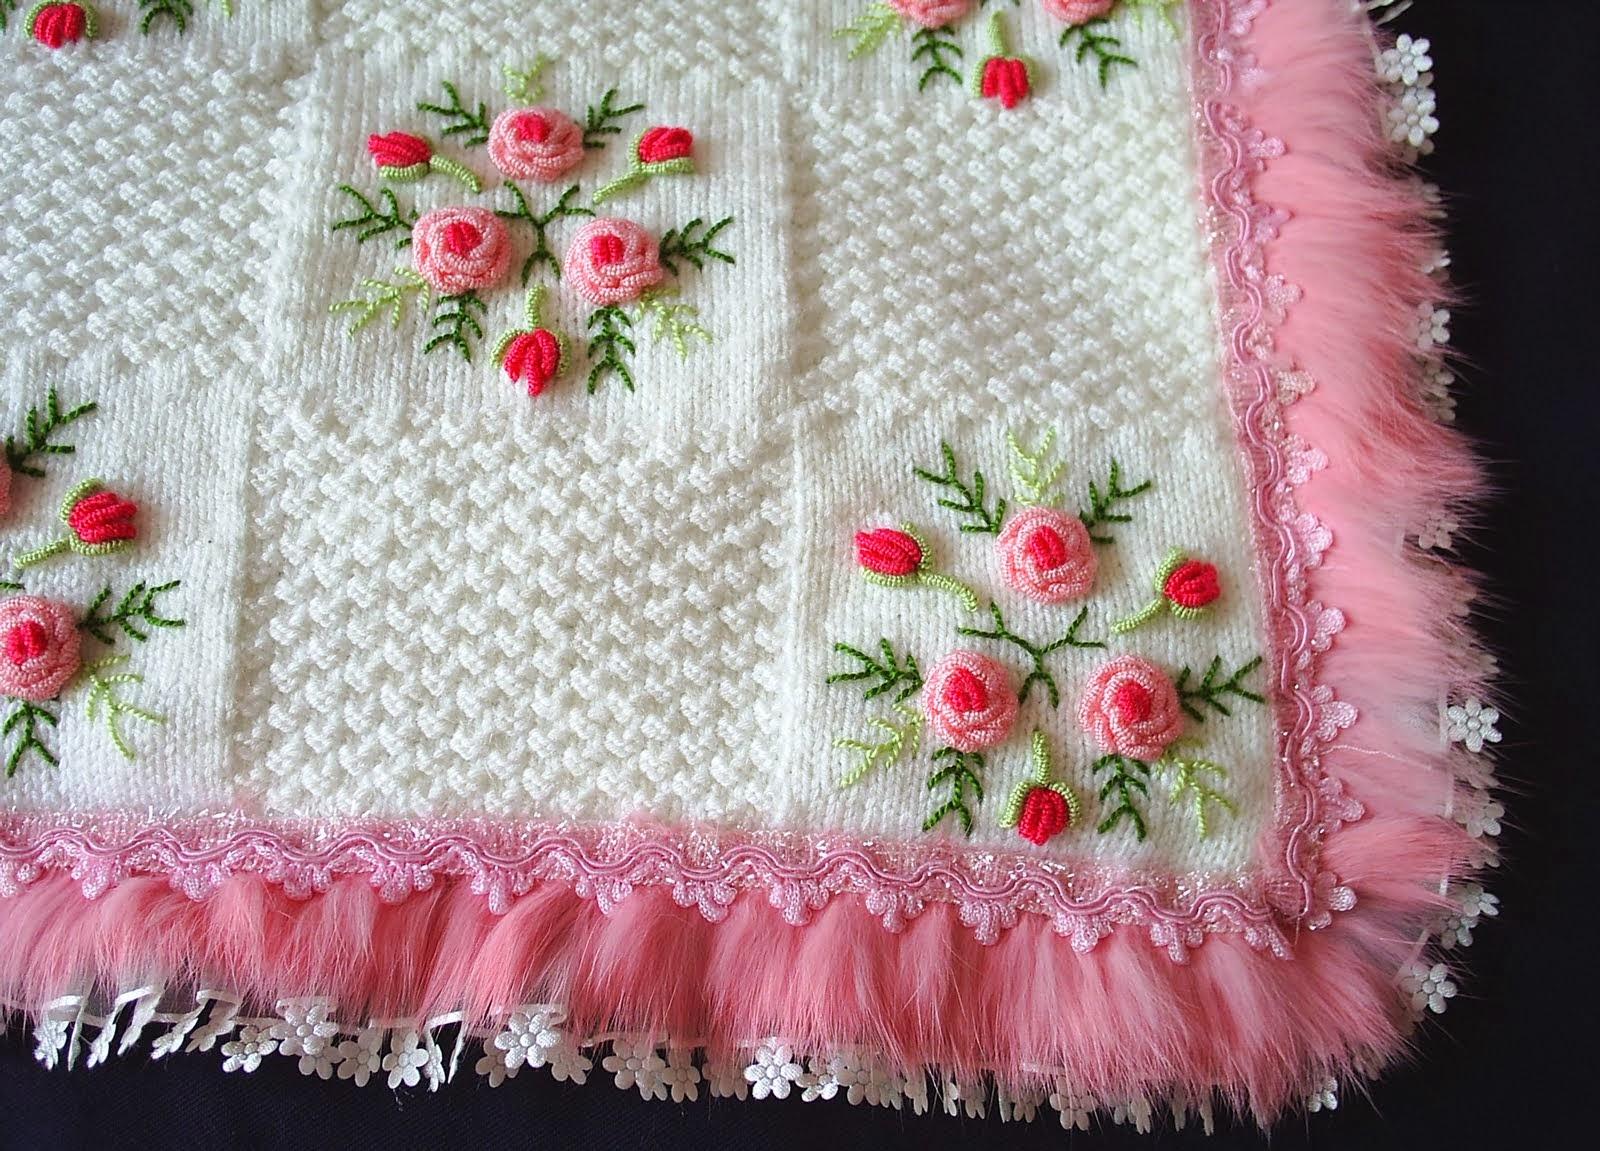 bebek-battaniye-ornekleri-0-jpg.69768 Örgü battaniye modelleri Melekler Mekanı Forum